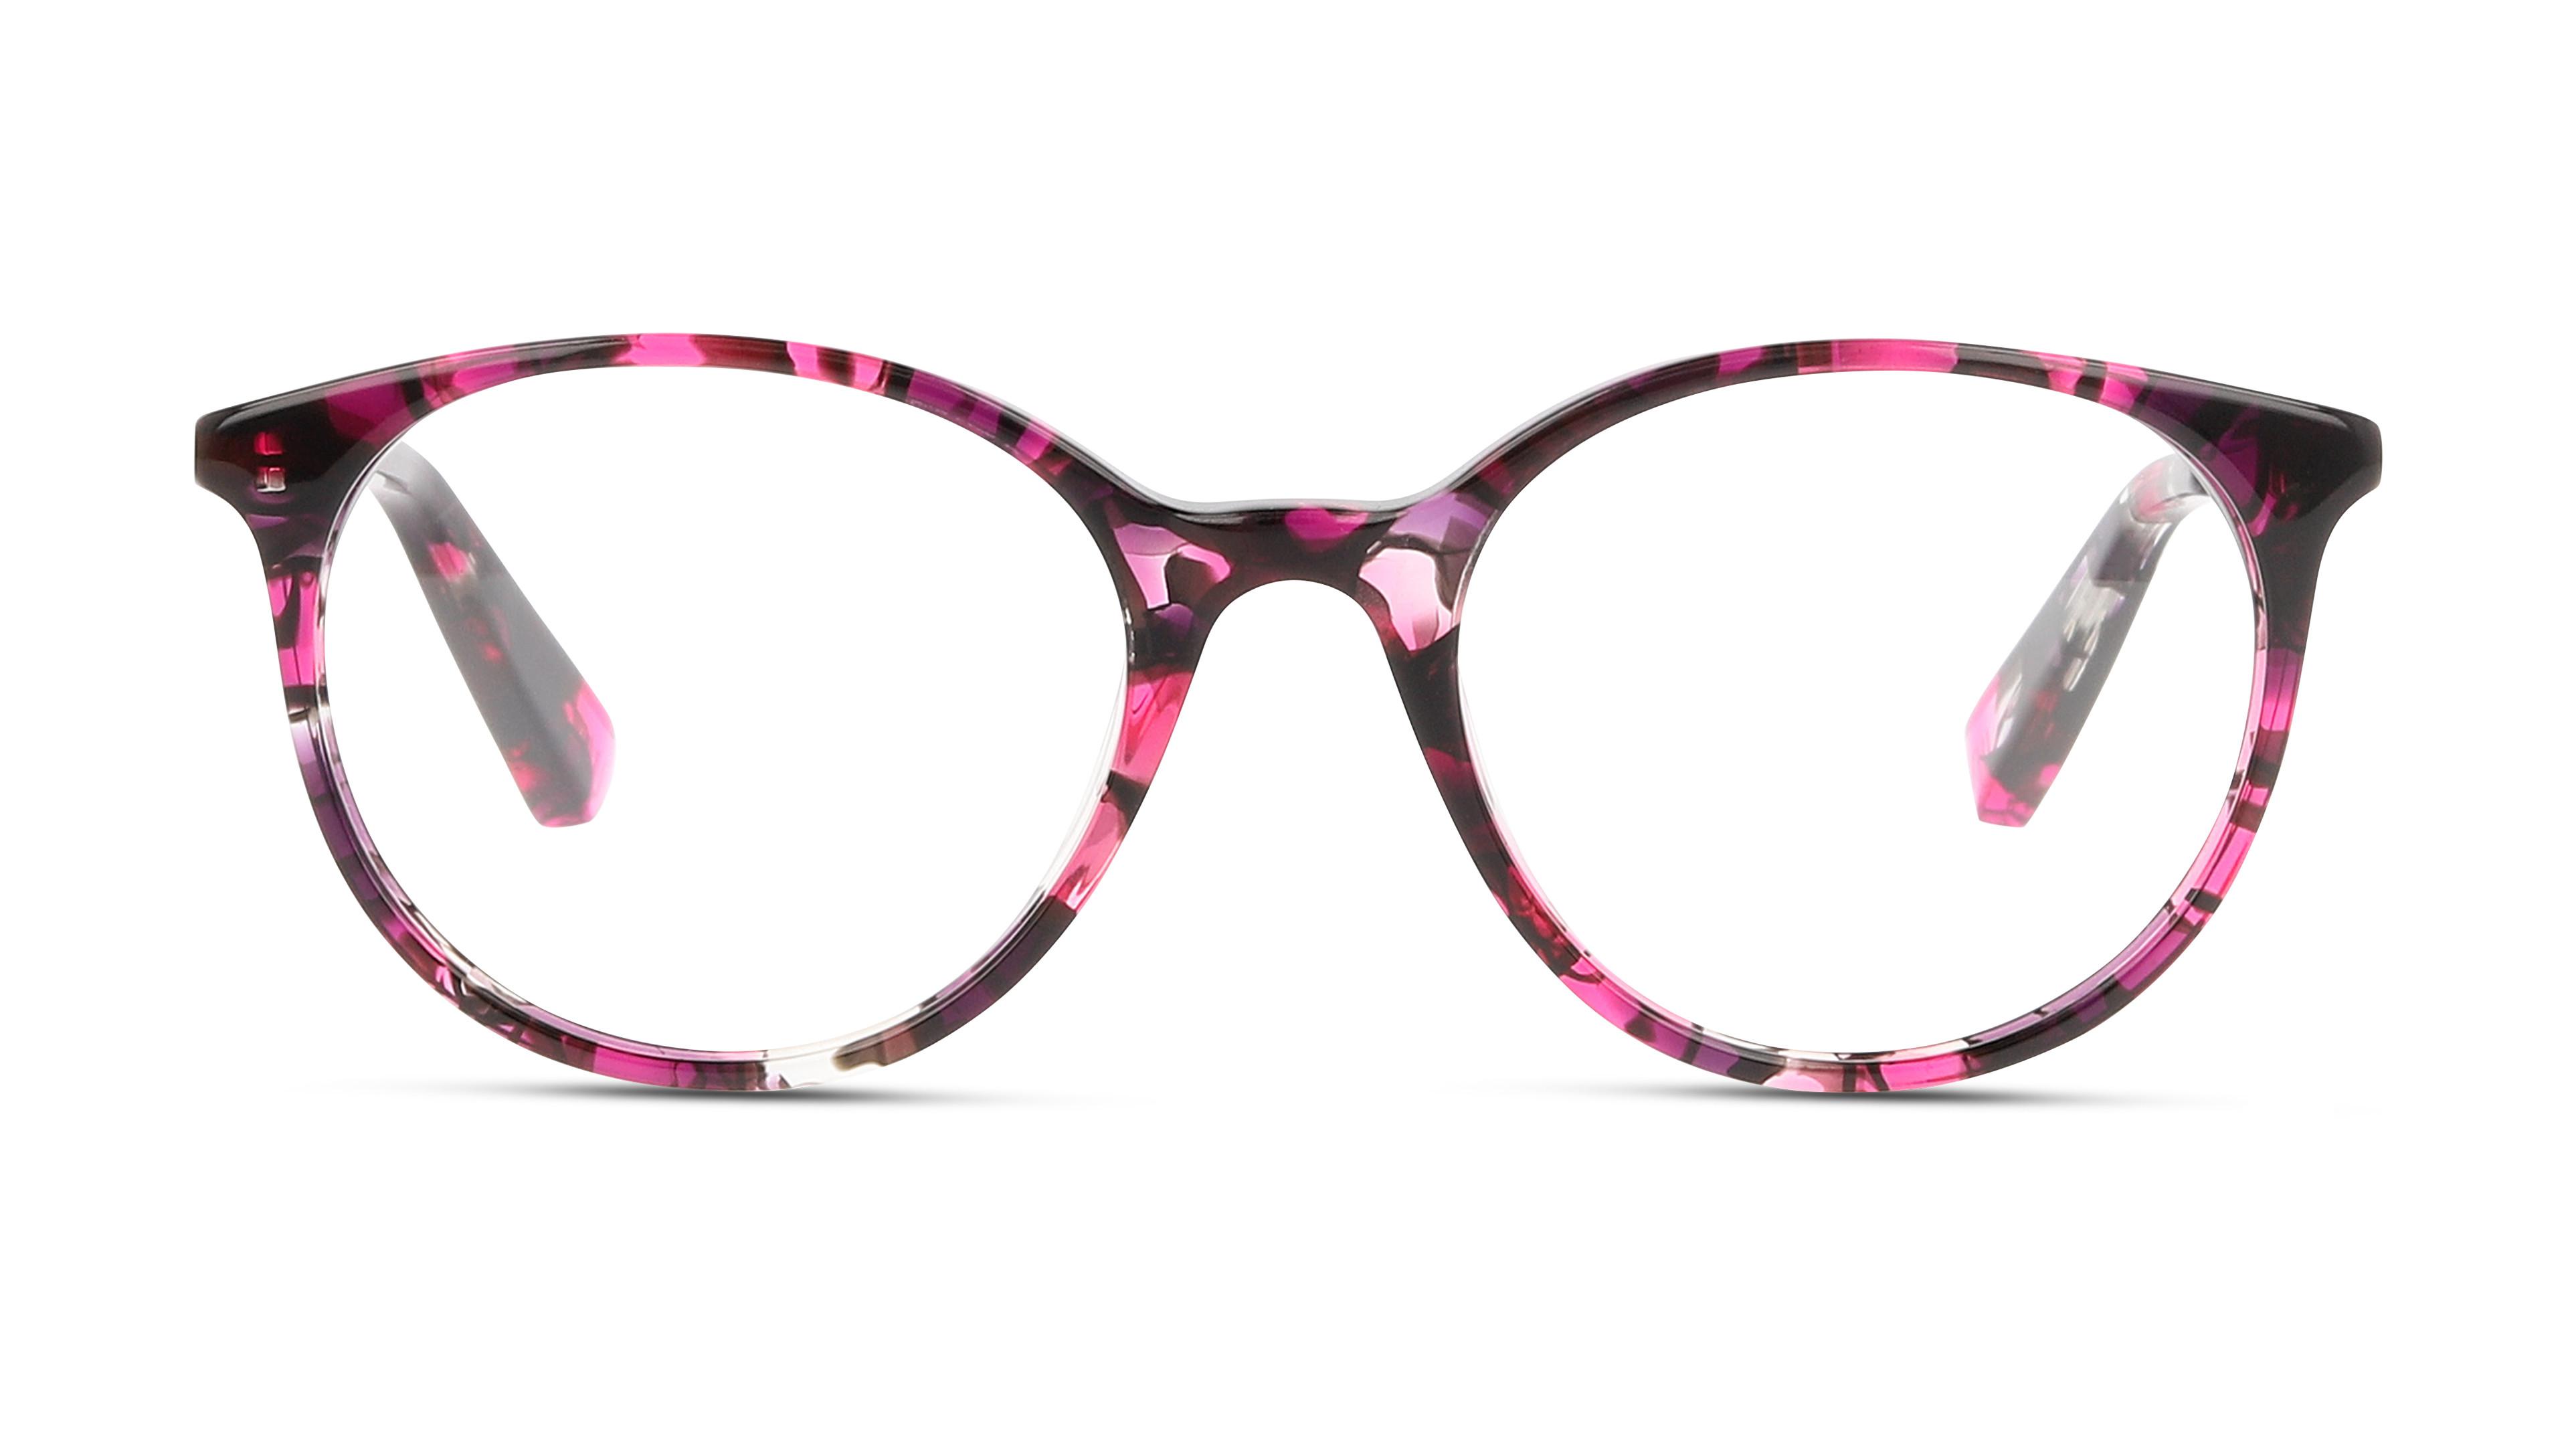 8719154735134-front-Unofficial-Brillenfassung-unof0030-sorbet-pink-silver